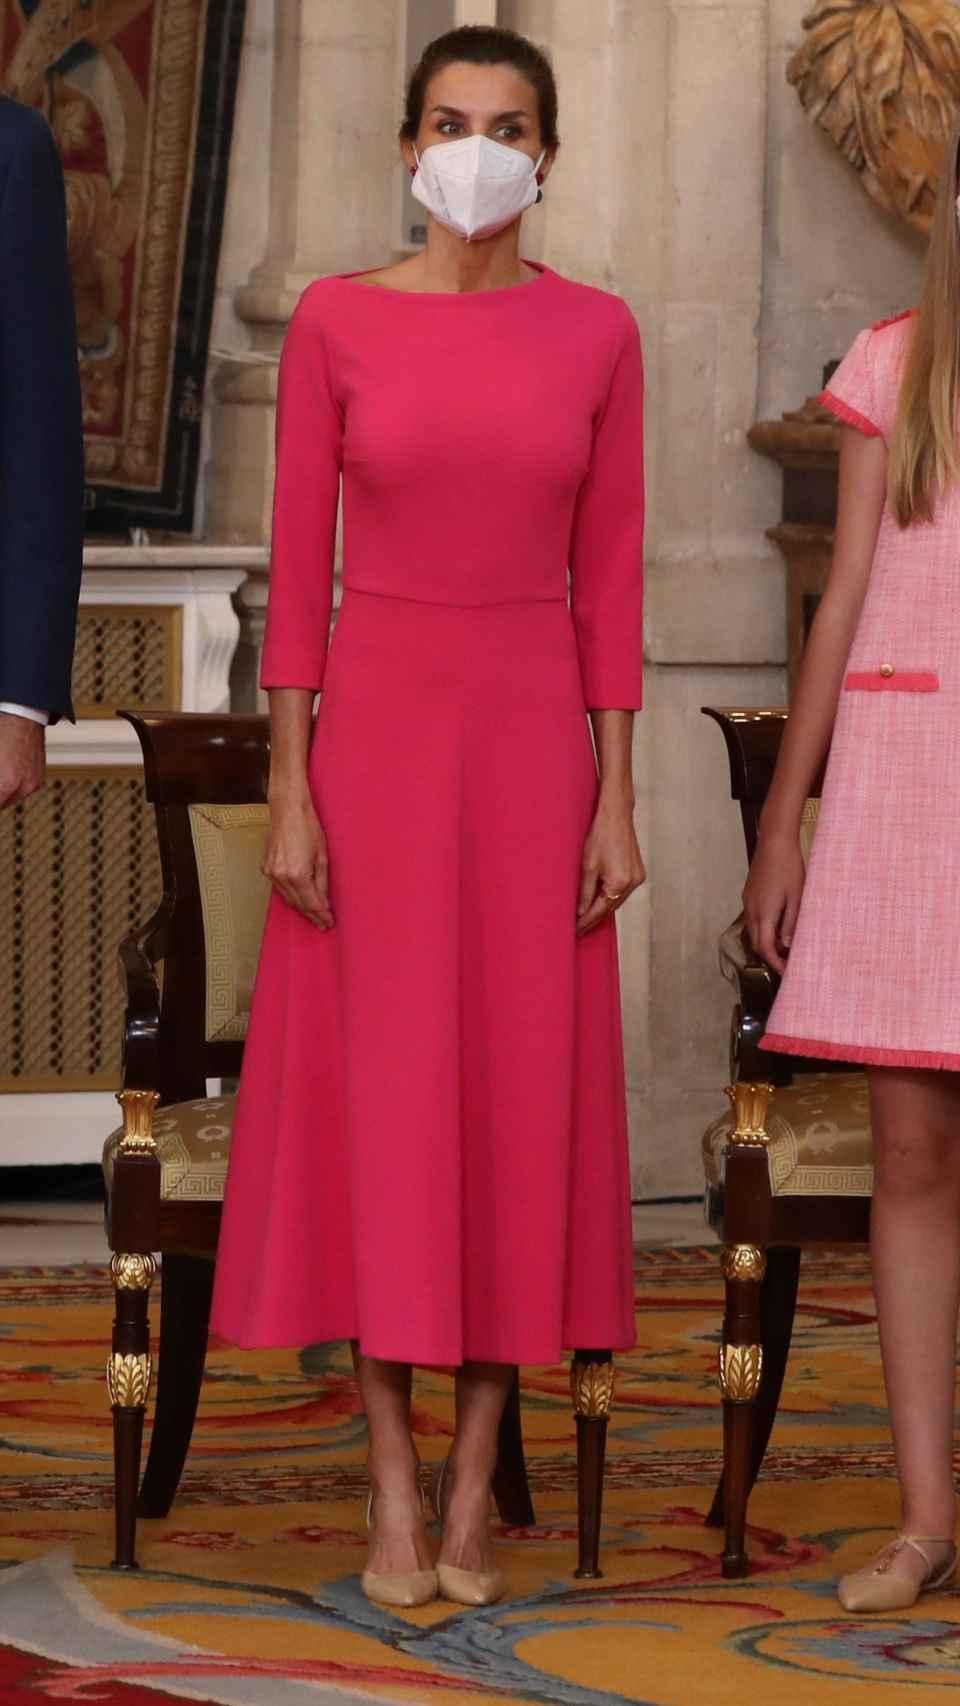 El 'outfit' de la Reina para este importante día para la Corona.